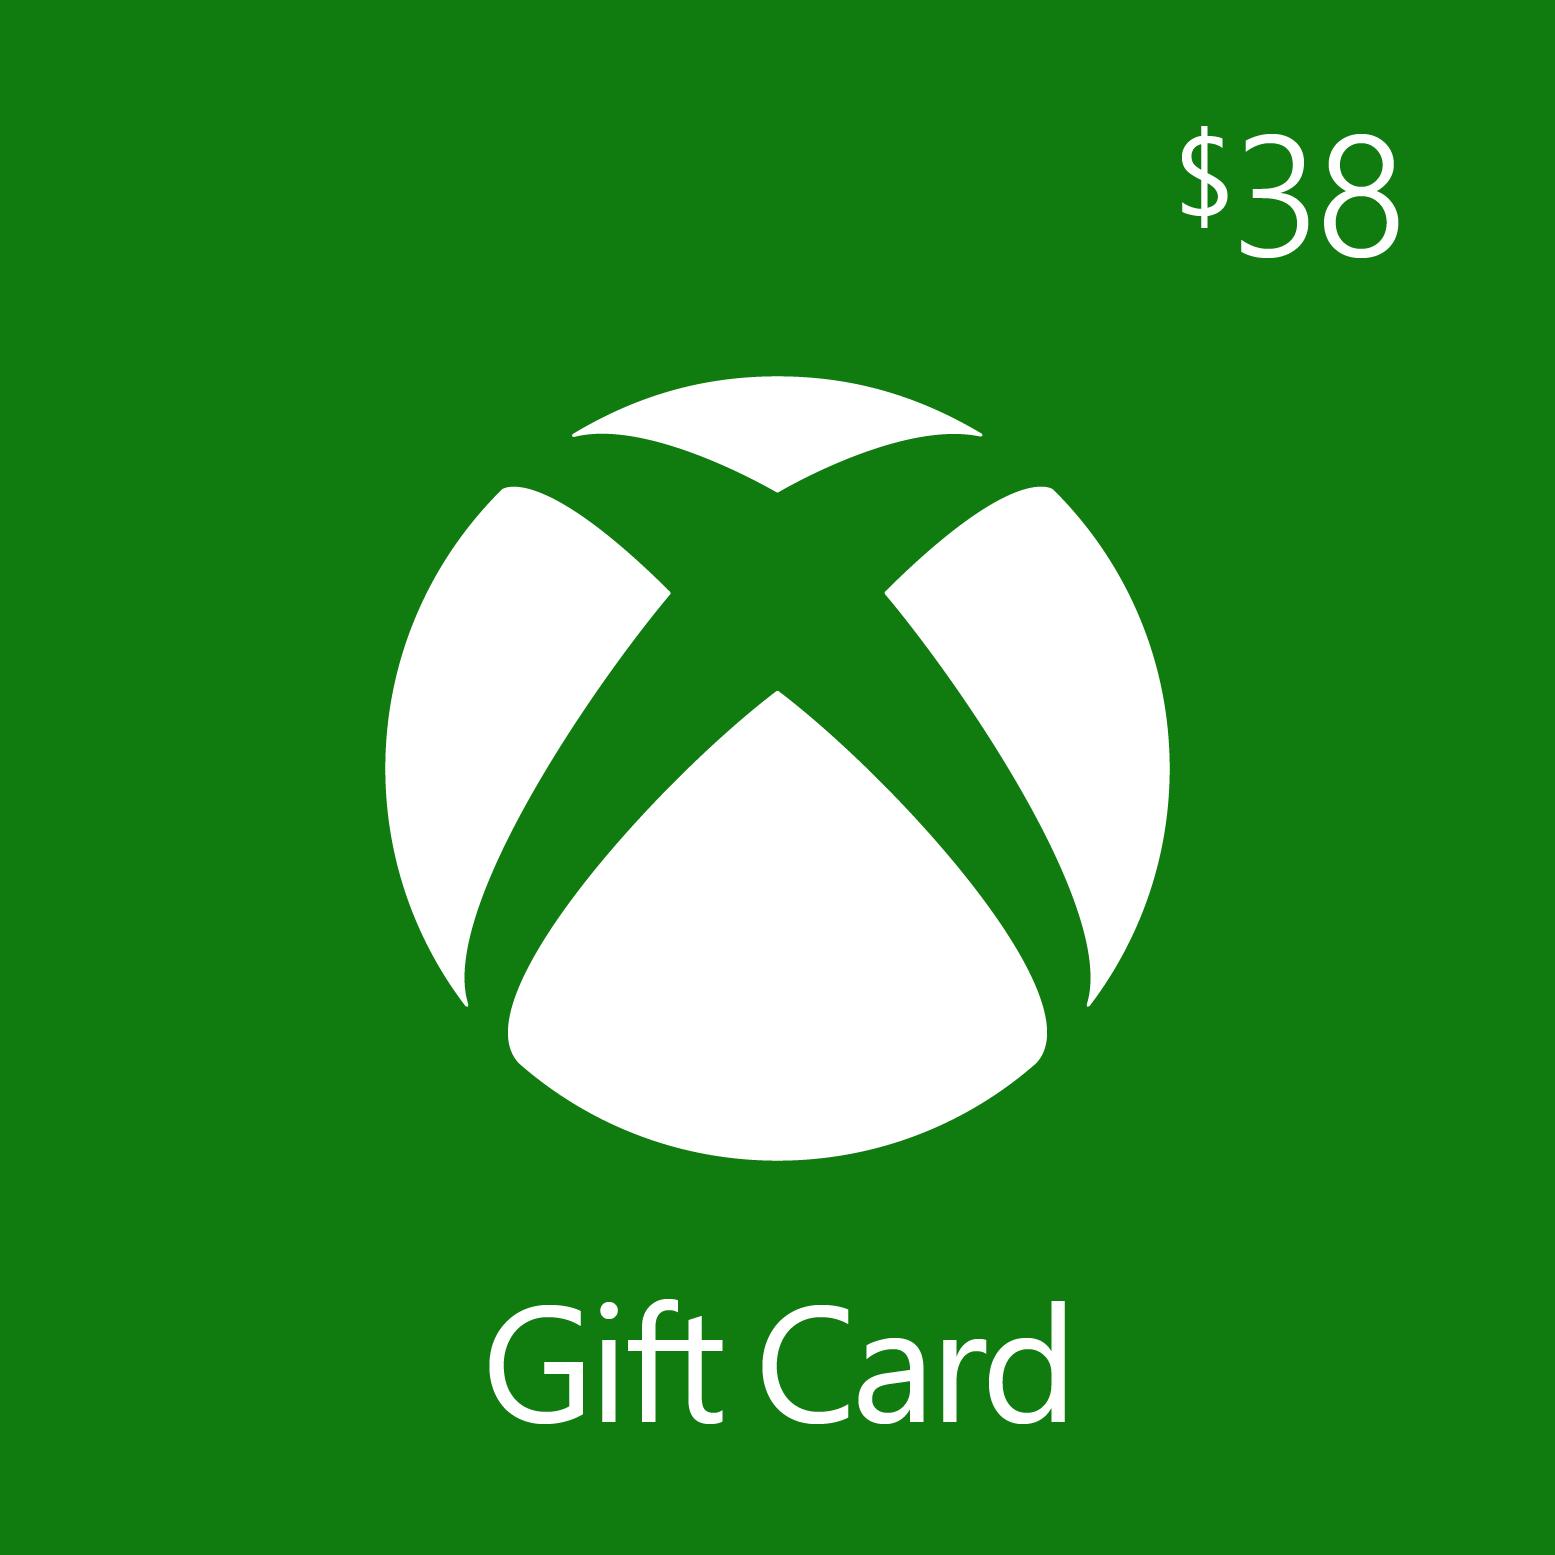 $38.00 Xbox Digital Gift Card